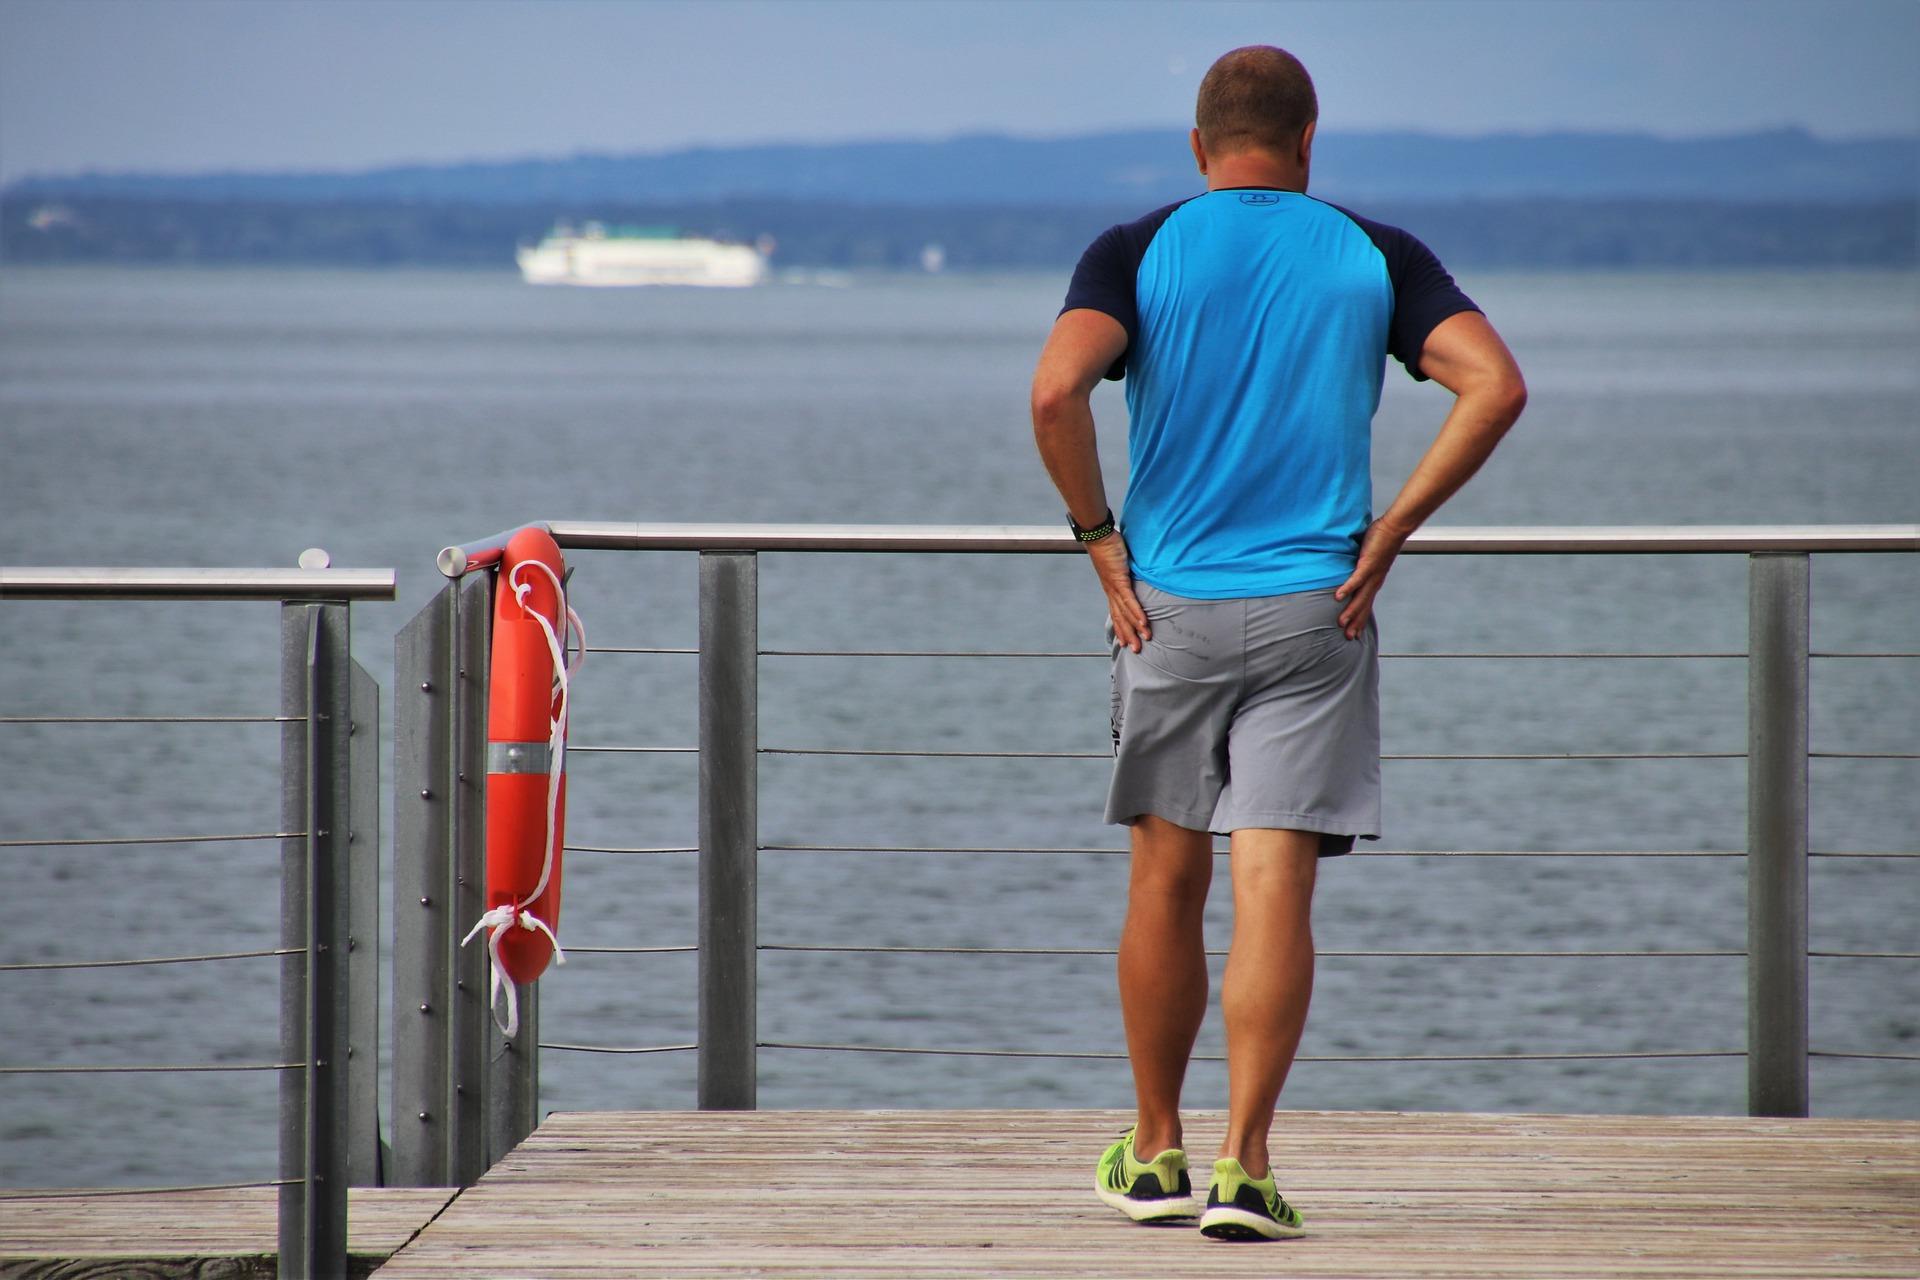 Niezaszczepieni na bezpłatny urlop? Nowy pomysł rządu - Zdjęcie główne